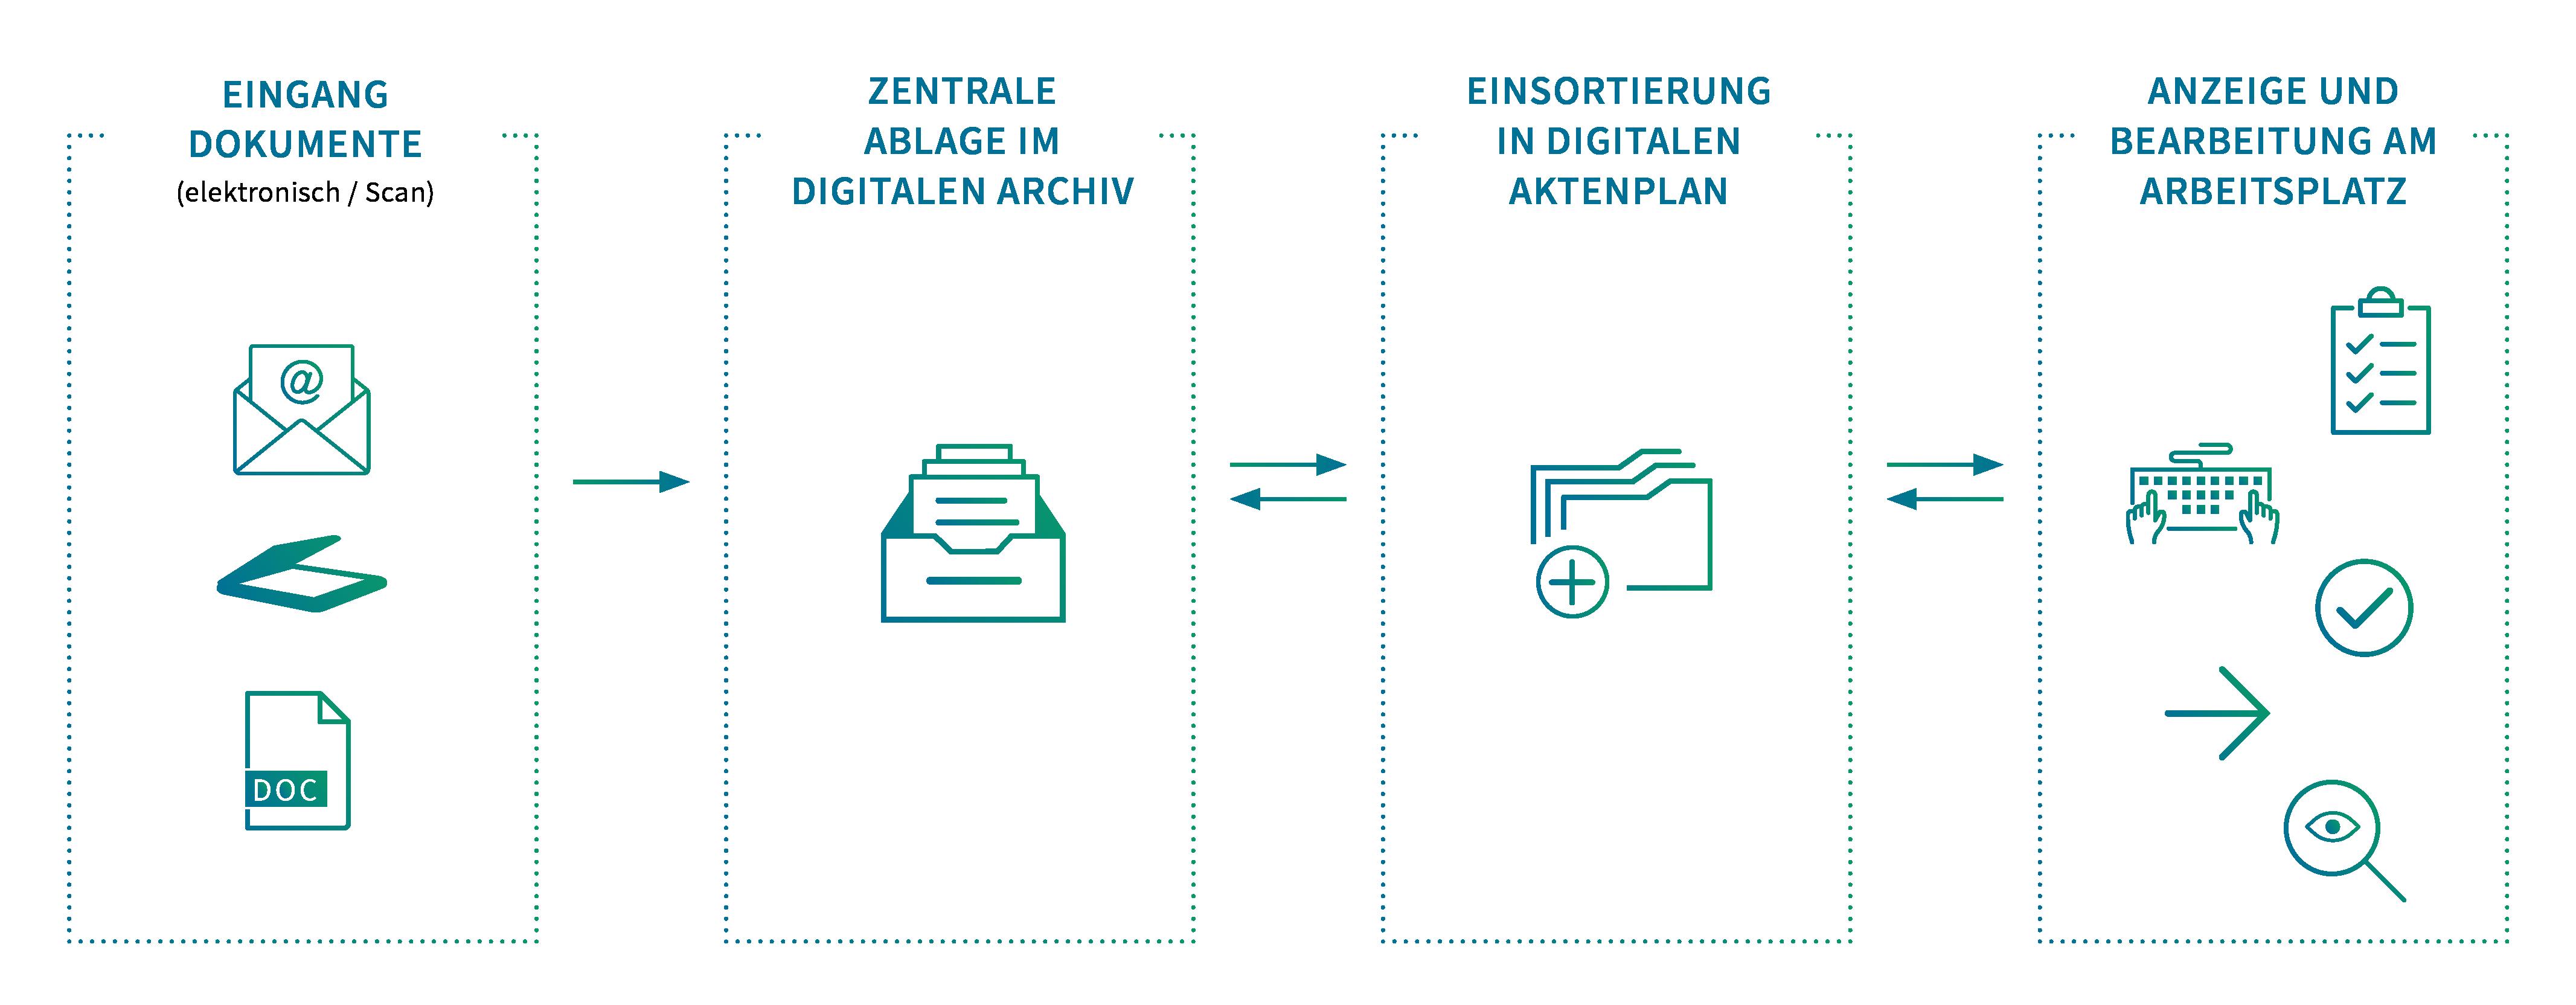 Vom Dokument zur digitalen Akte